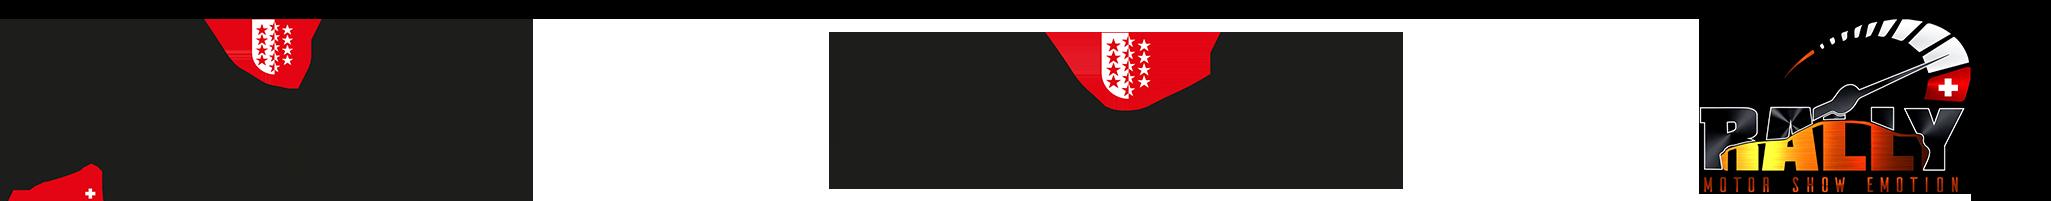 GE-RIV Logos